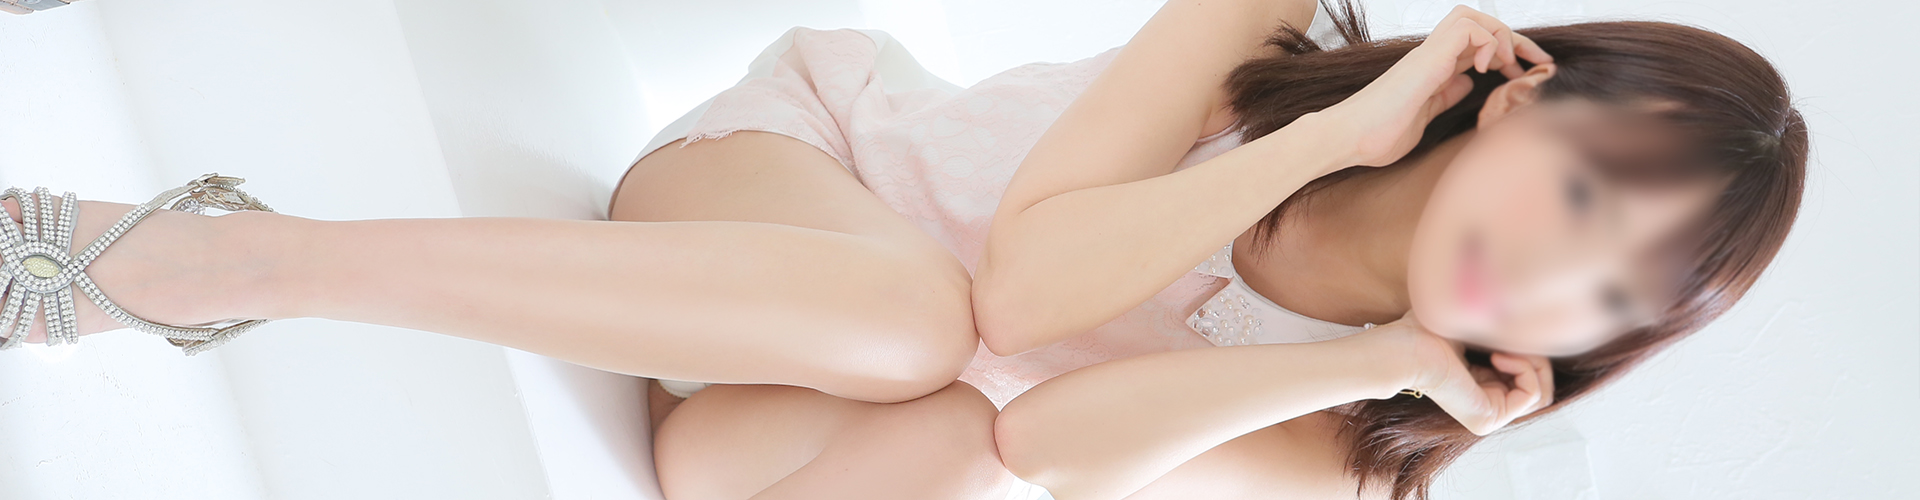 錦糸町デリヘル風俗|錦糸町 小岩 デリバリーヘルス【キャンパスサミット錦糸町店】モデルせつな写真